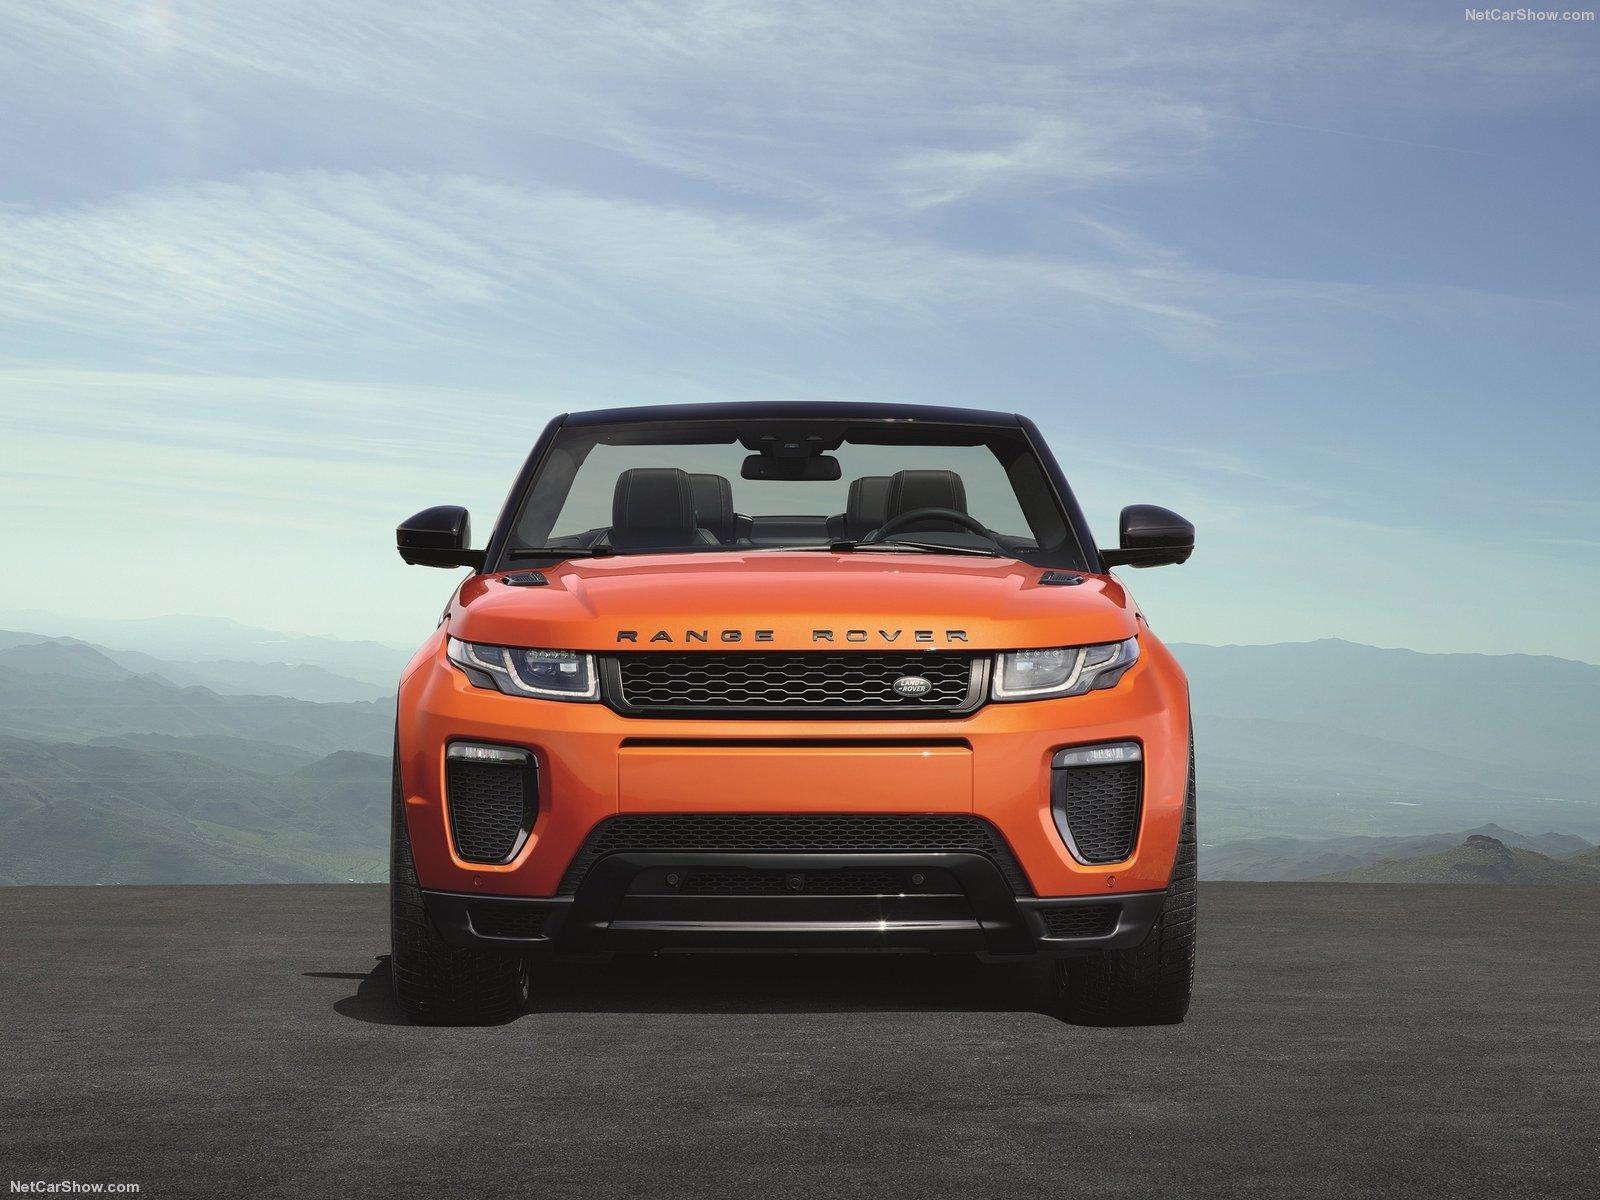 Hình ảnh xe ô tô Land Rover Range Rover Evoque Convertible 2017 & nội ngoại thất